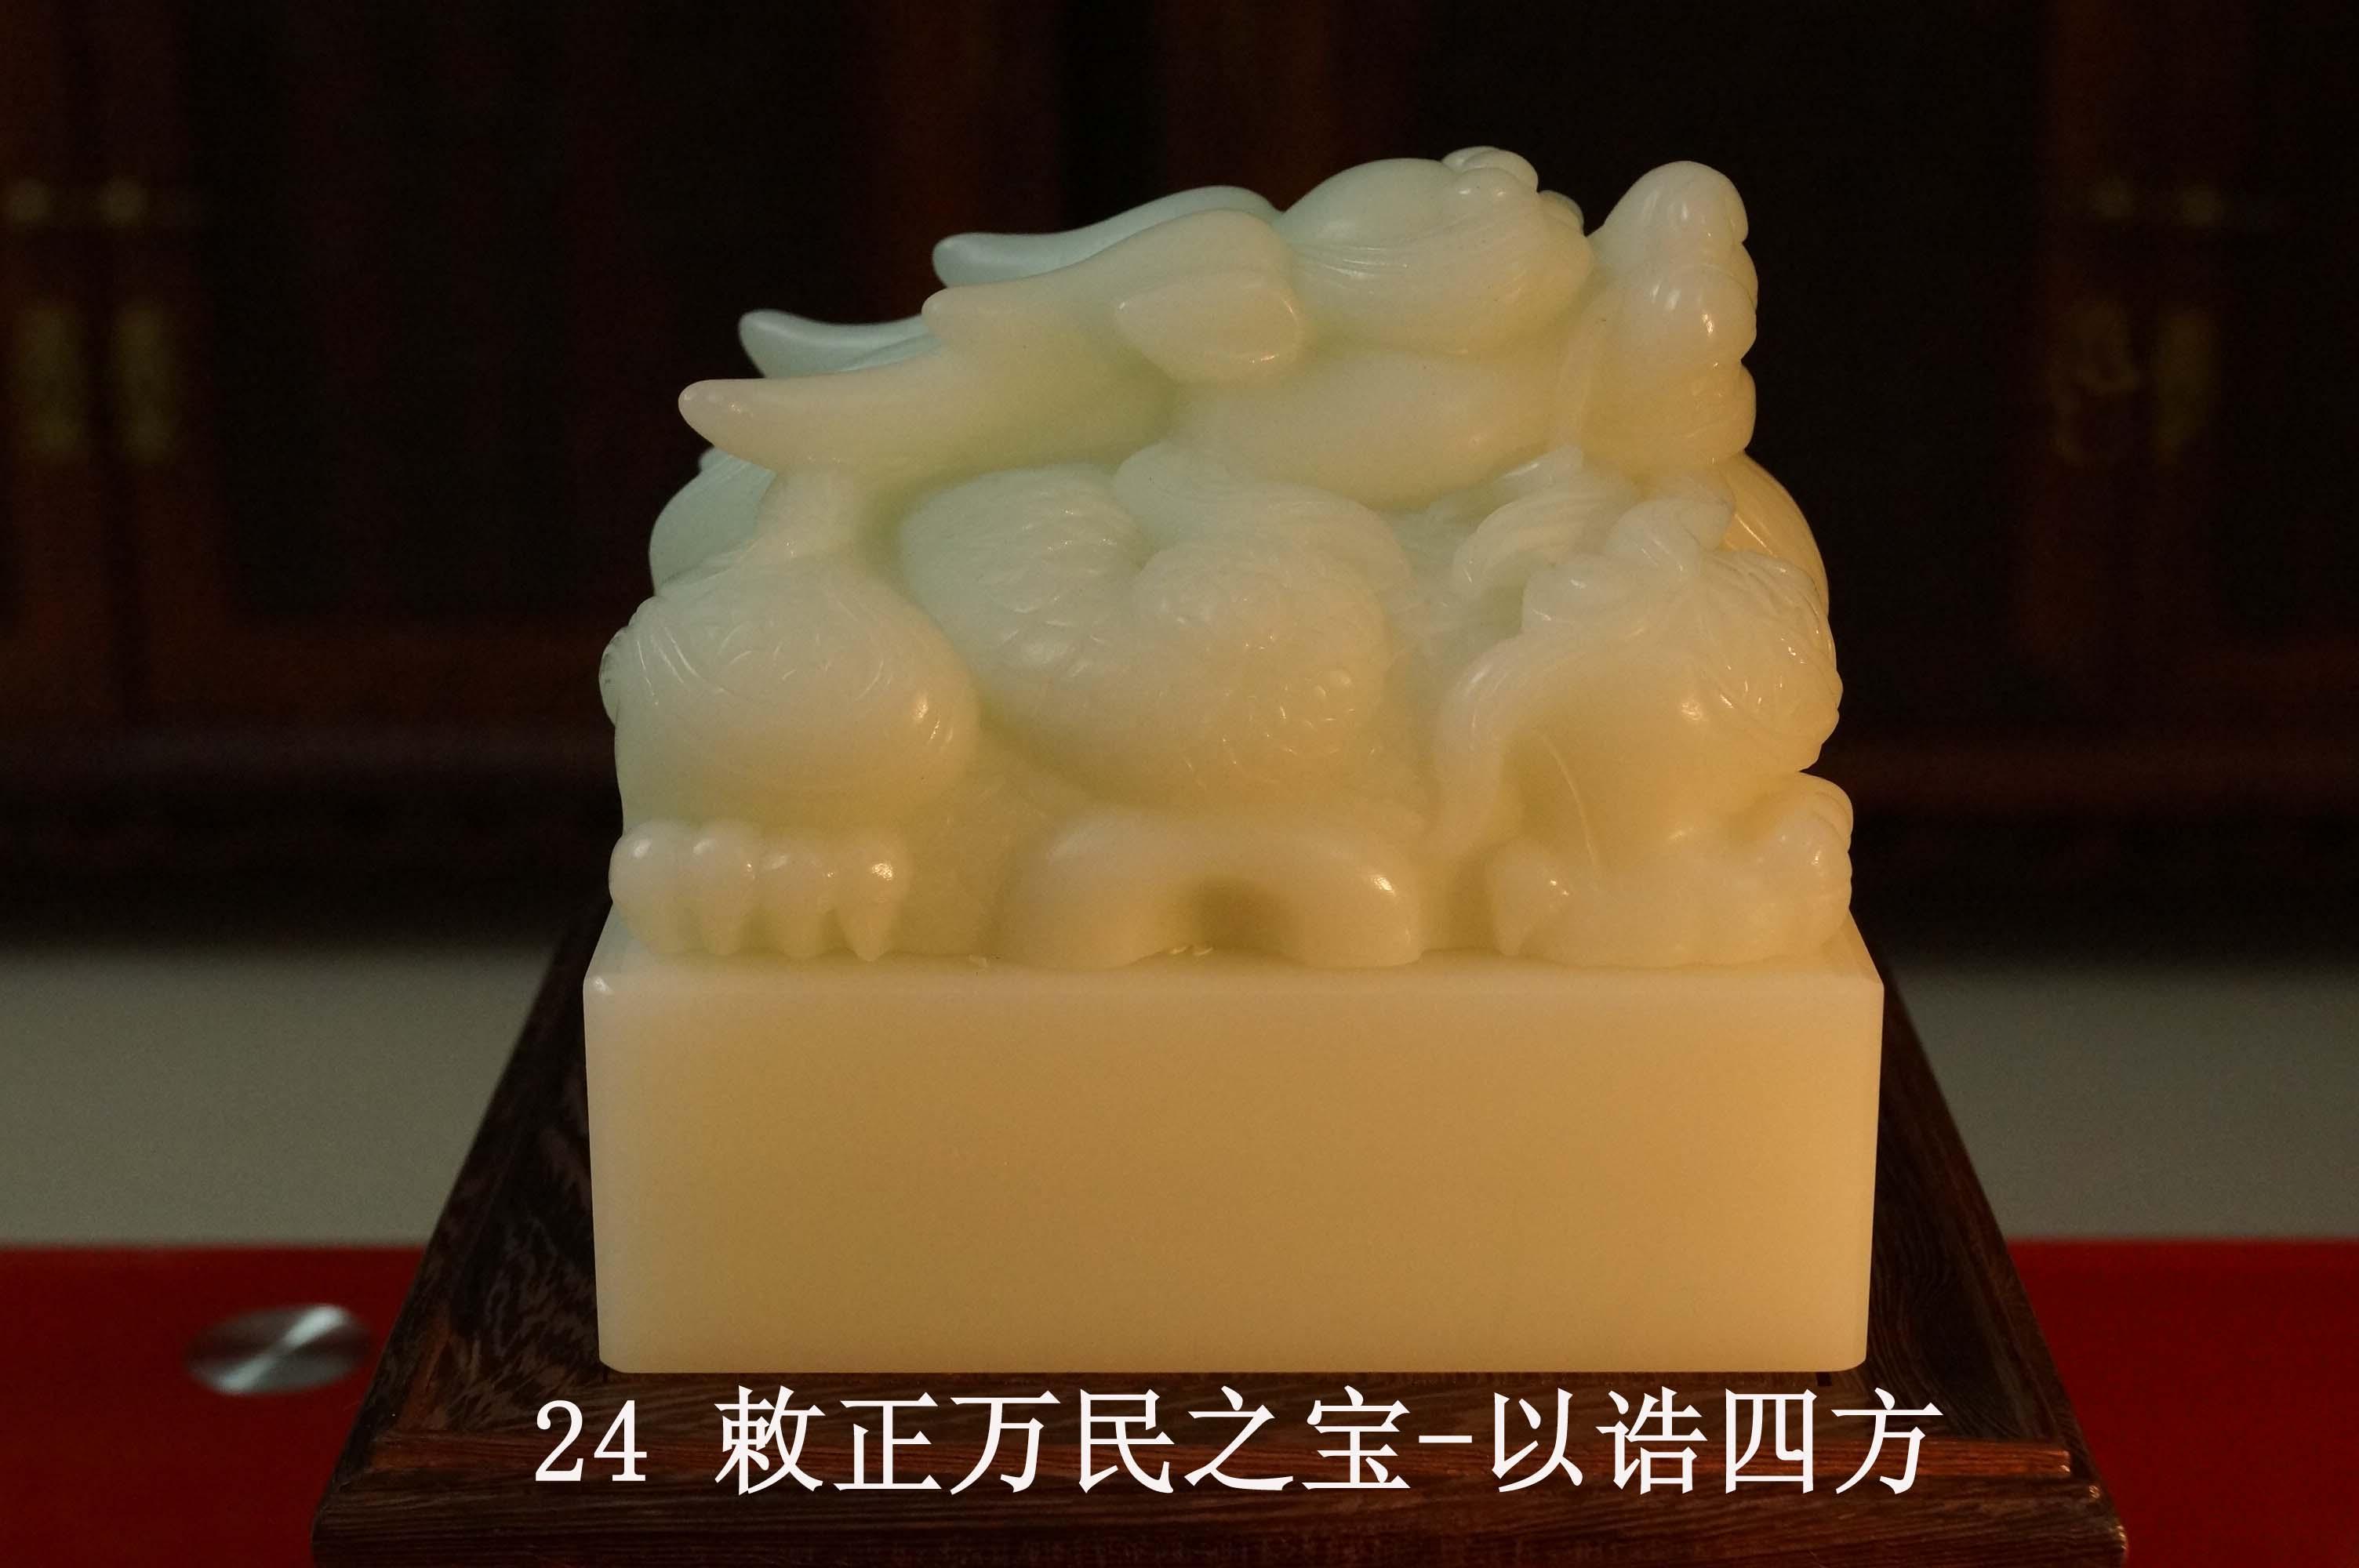 清朝印玺 梁海燕装置 说说宝玺与梁海燕 之二高清图片